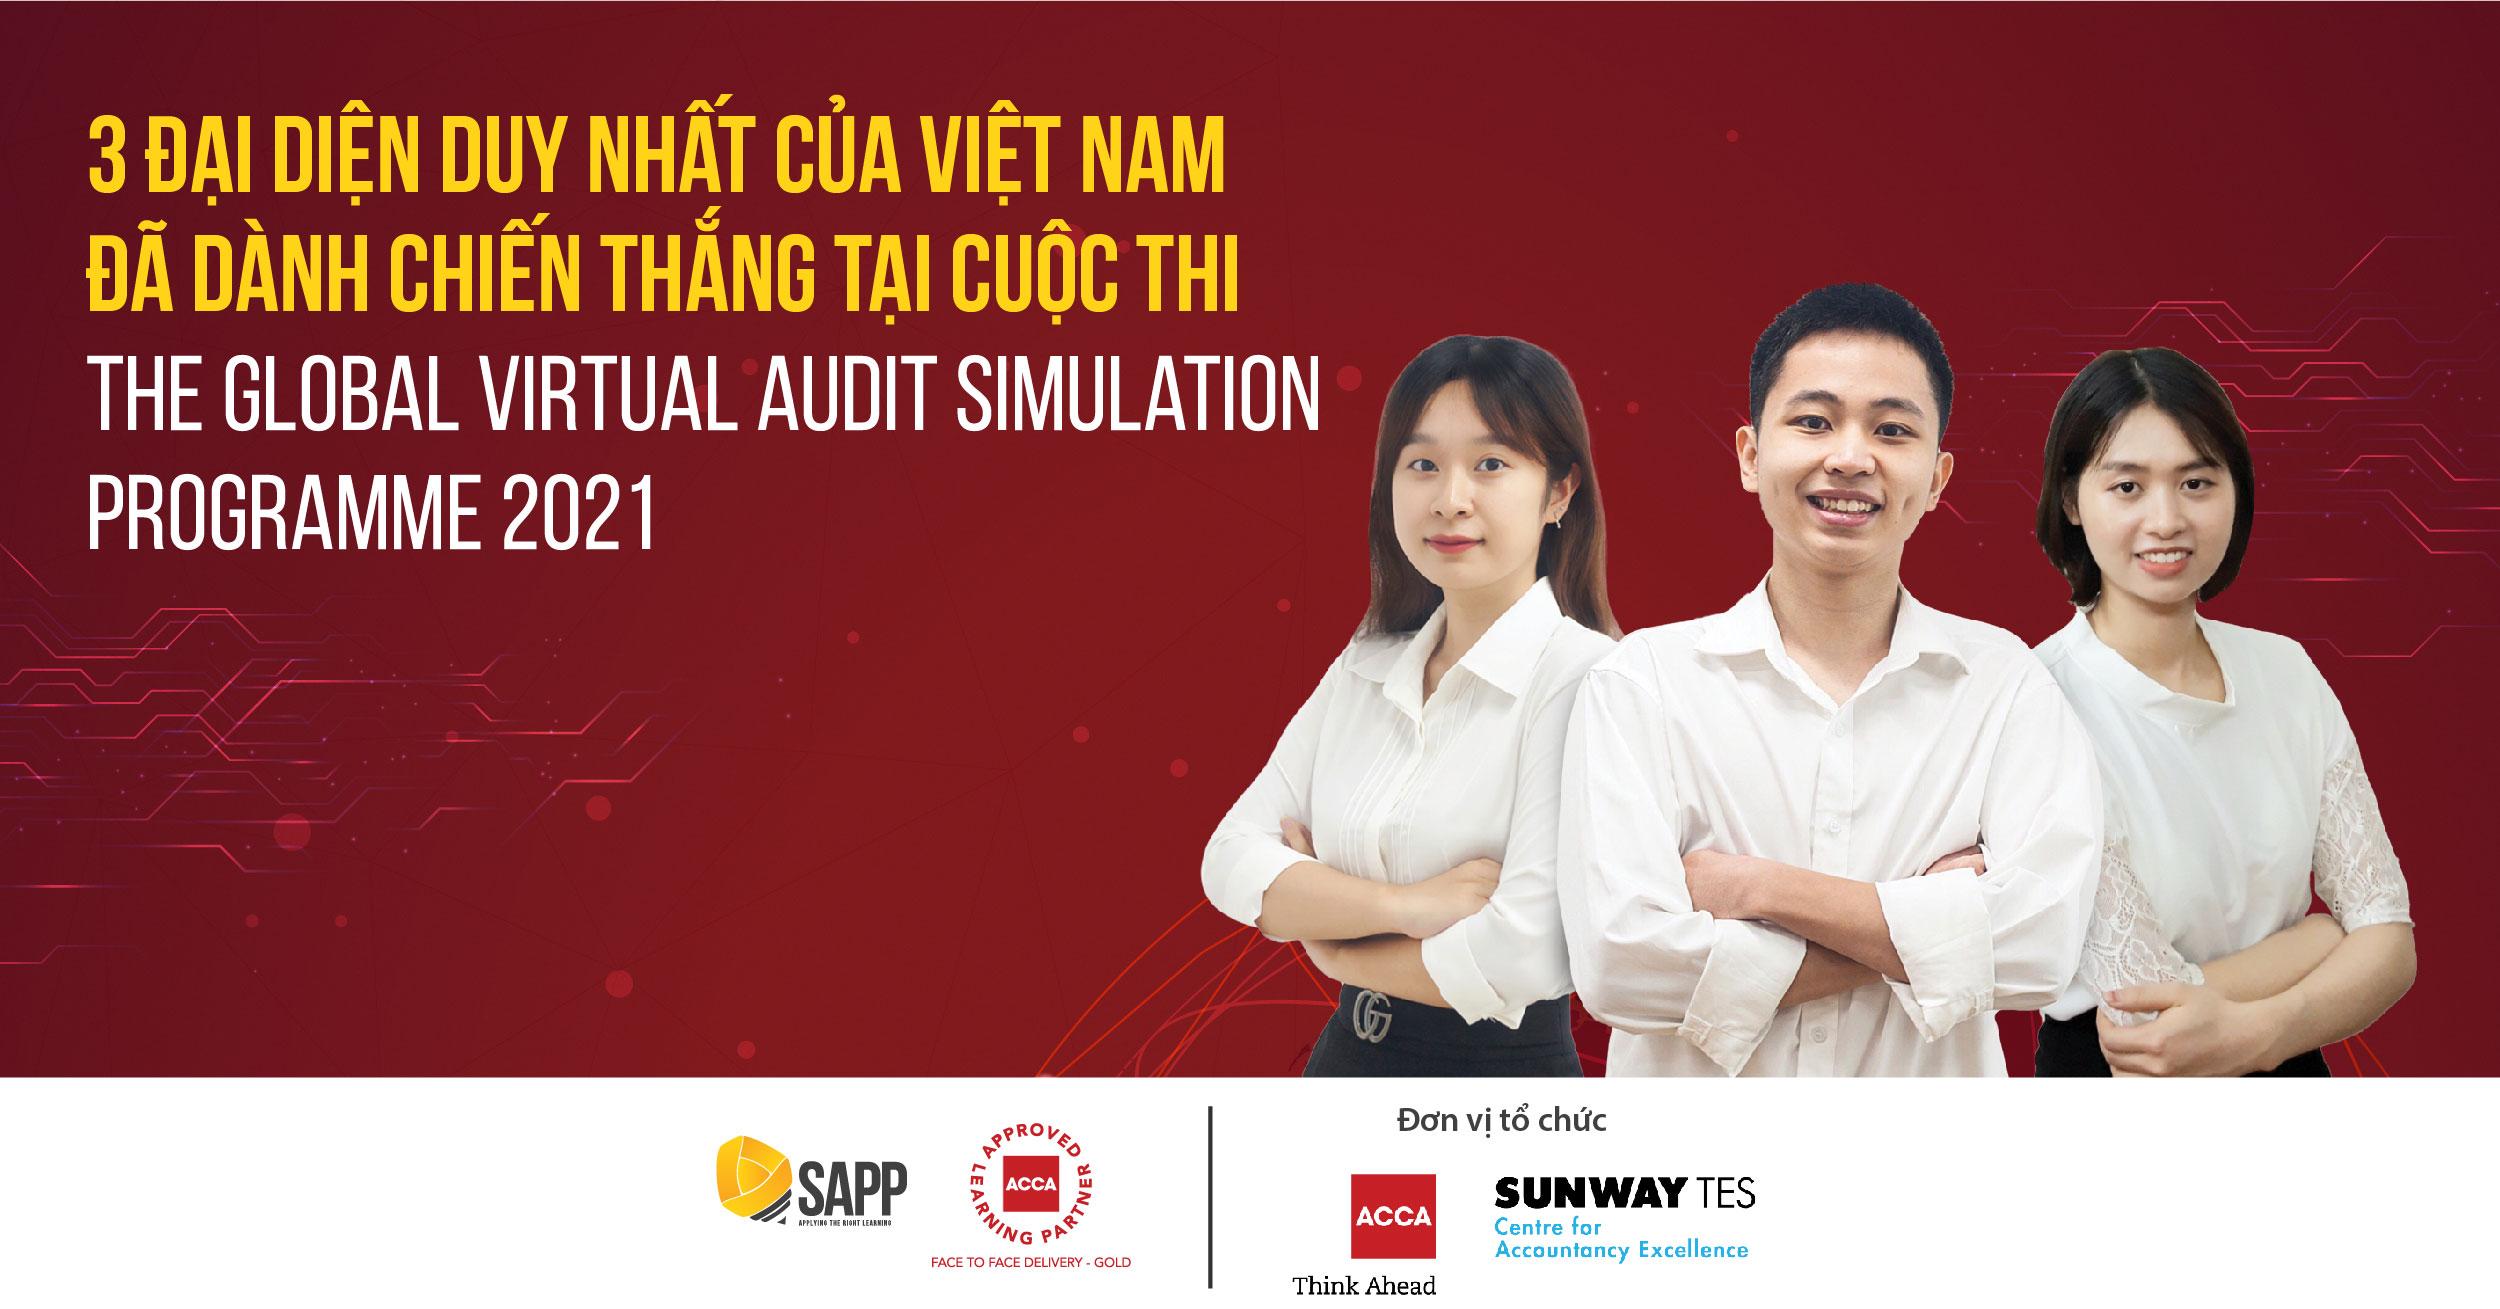 Quang Mạnh, Thùy Linh, Thu Thủy Và Hành Trình Làm Nên Chiến Tích Tại ACCA Global Virtual Audit Simulation Programme 2021